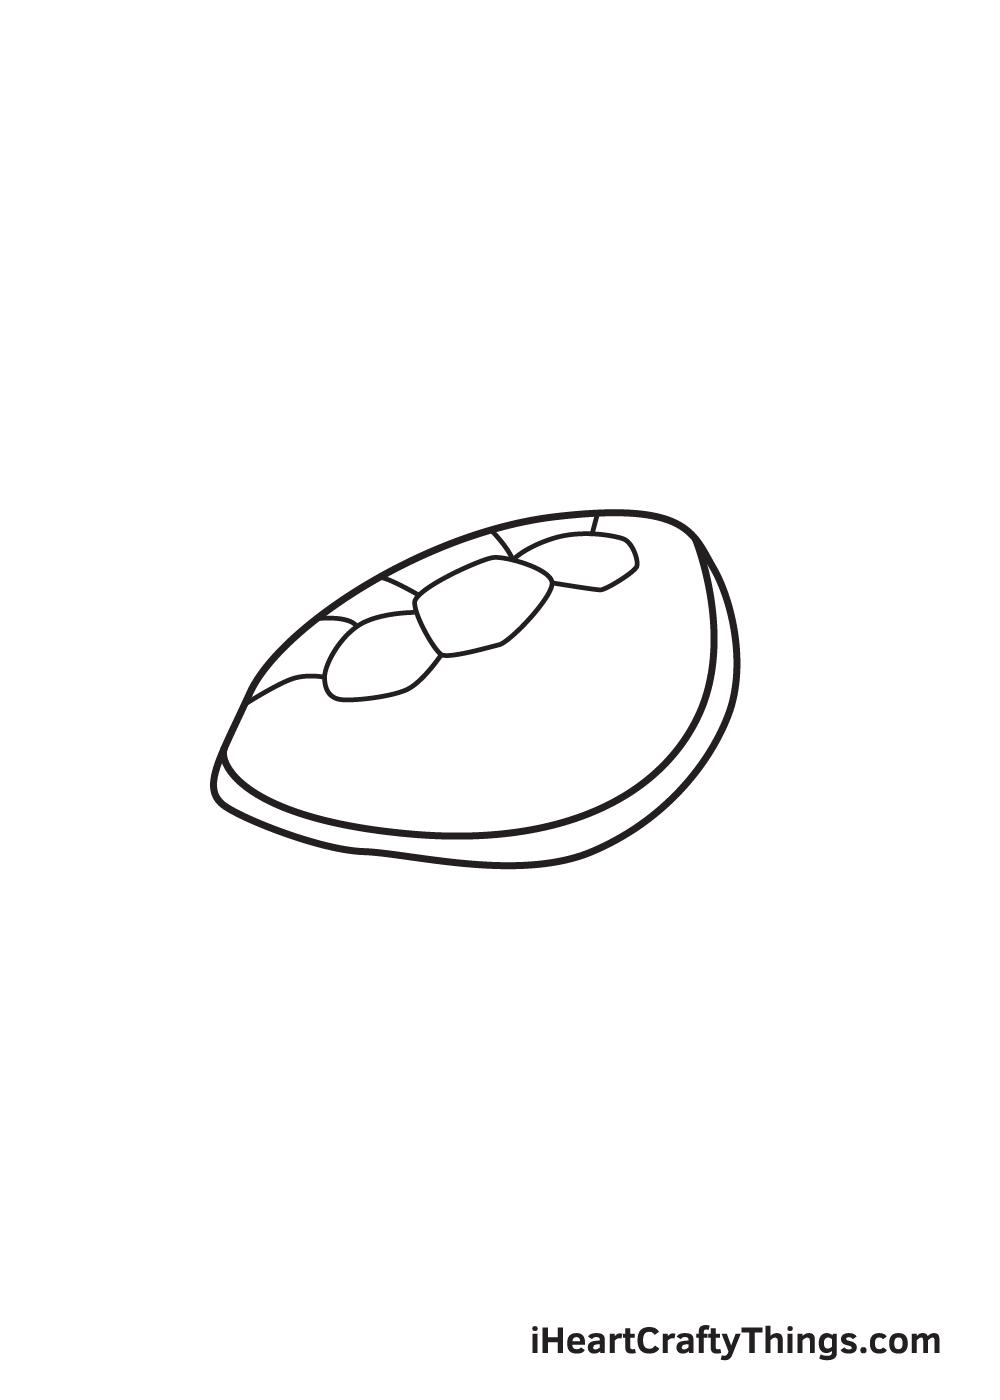 Vẽ rùa biển - Bước 4